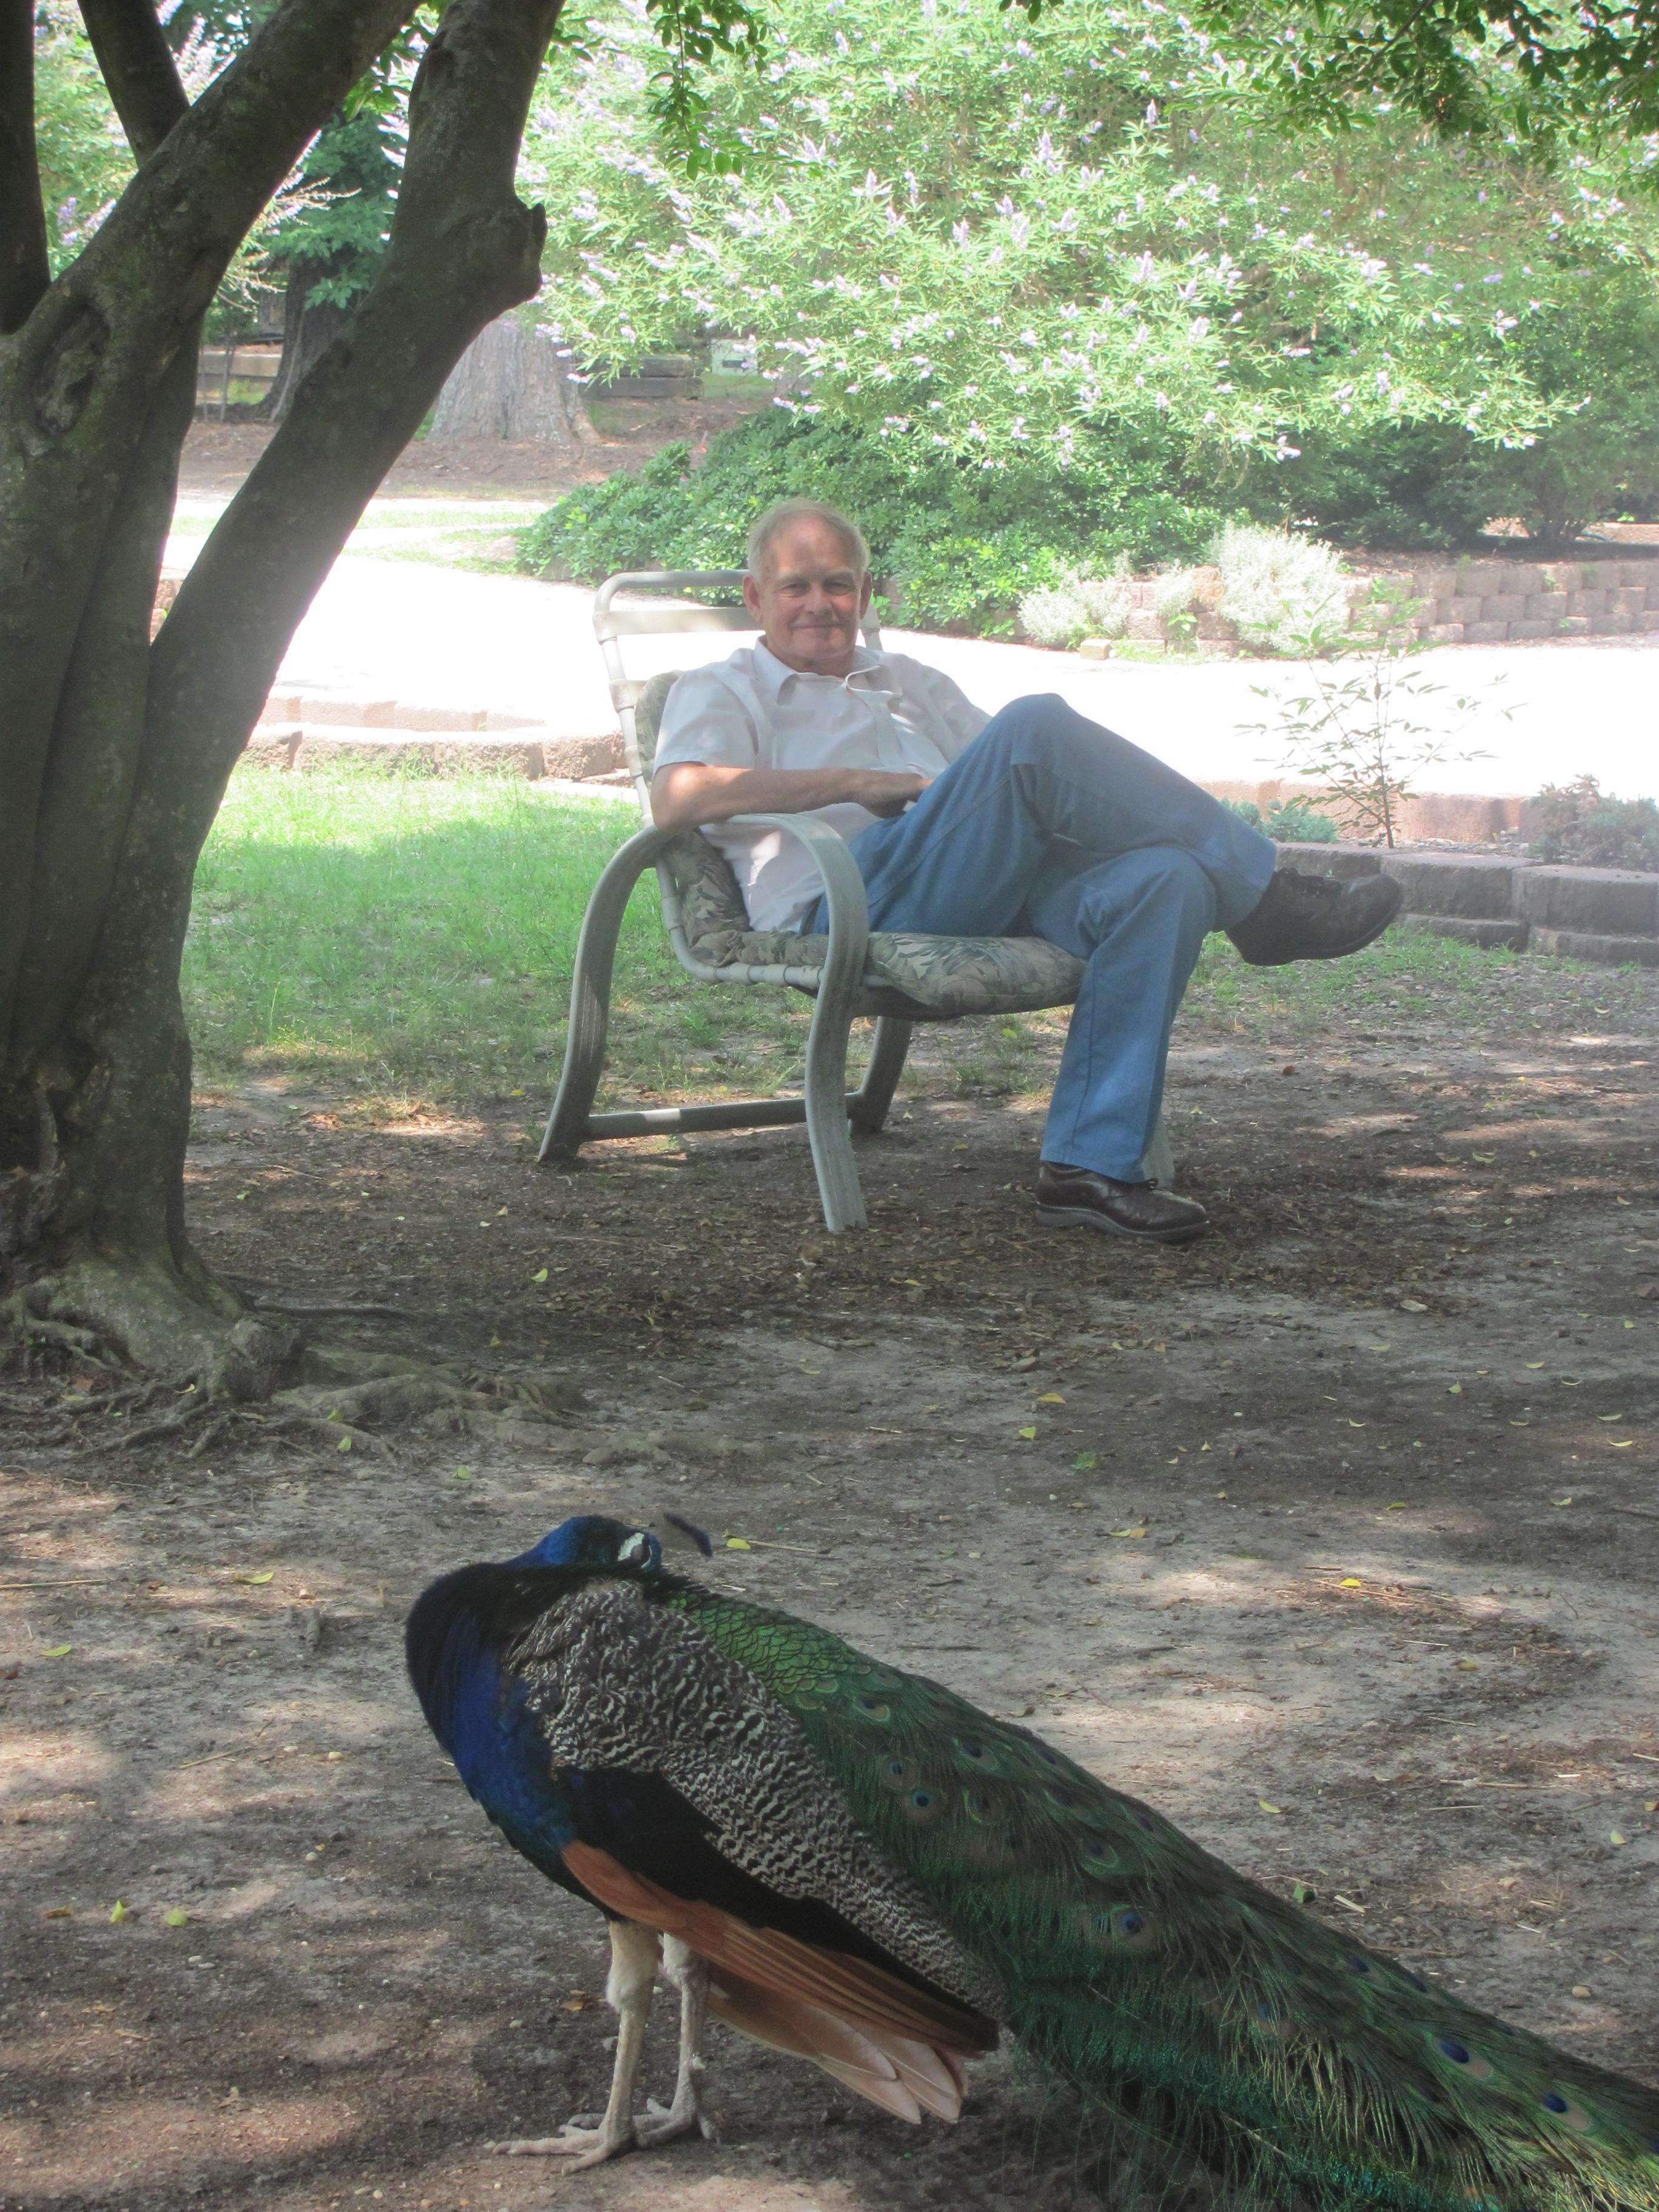 Ed Cole & Peacock